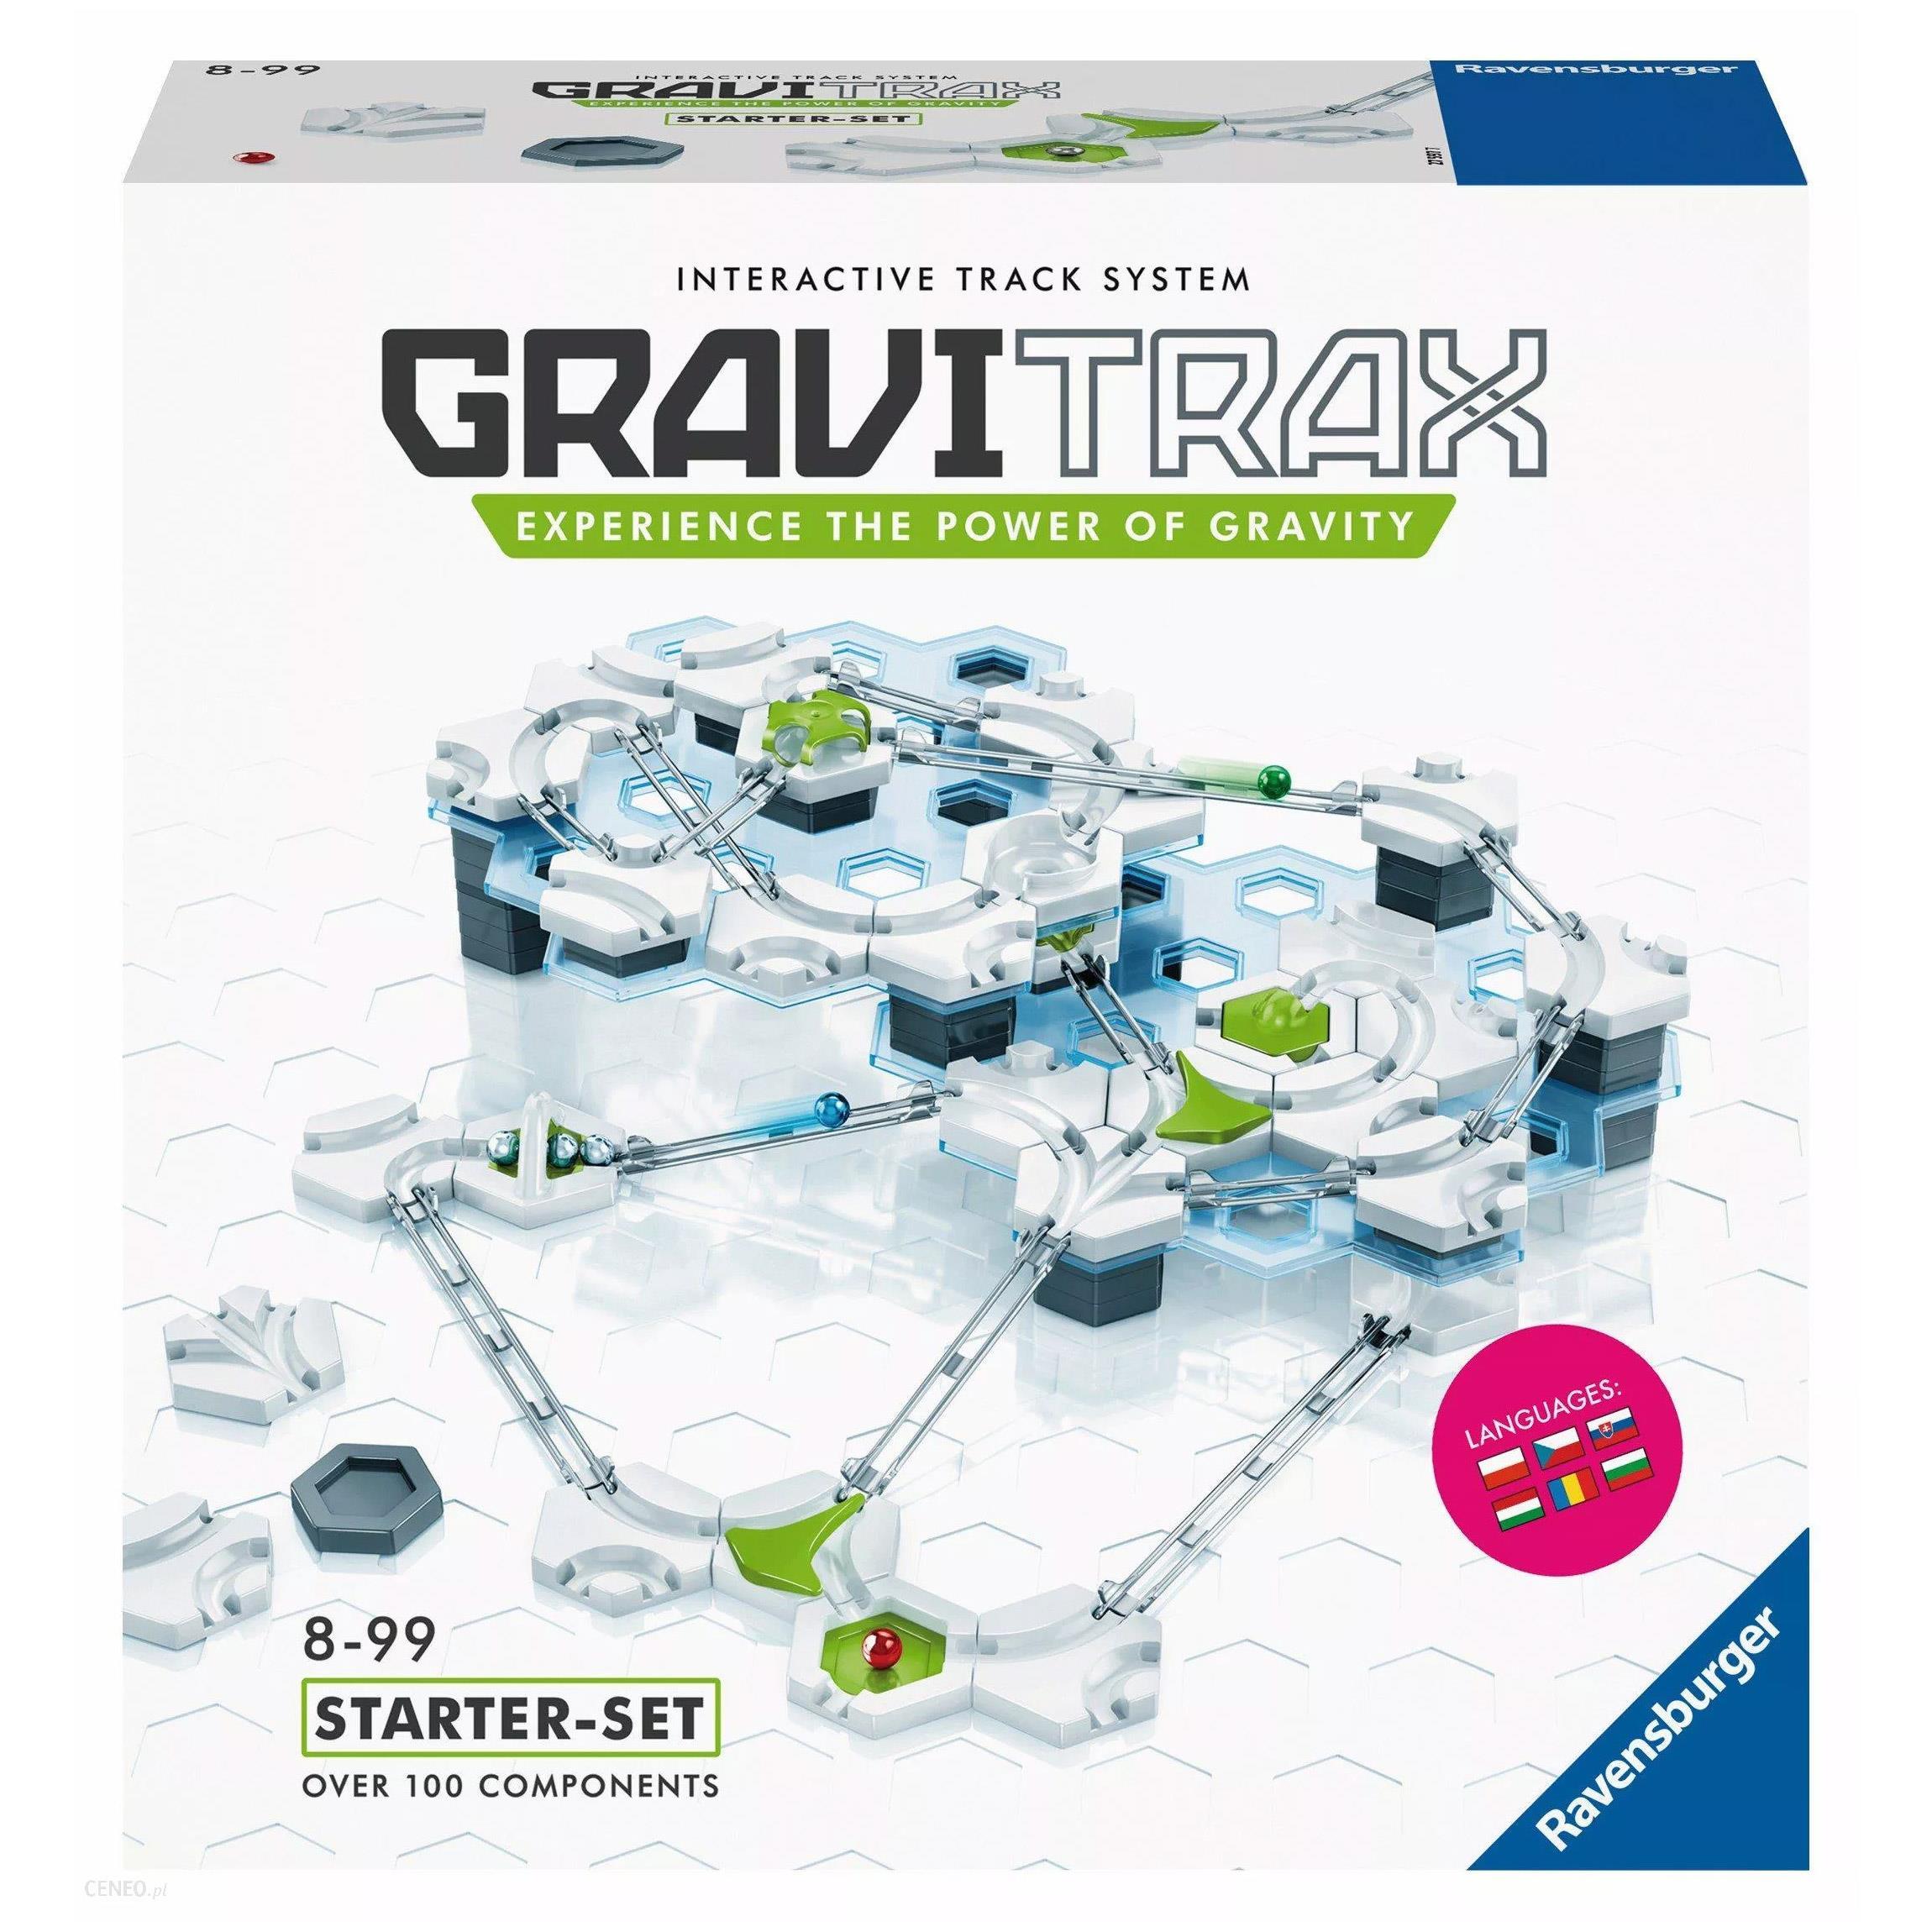 Gravitrax - Zostań konstruktorem i powstrzymaj siłę grawitacji